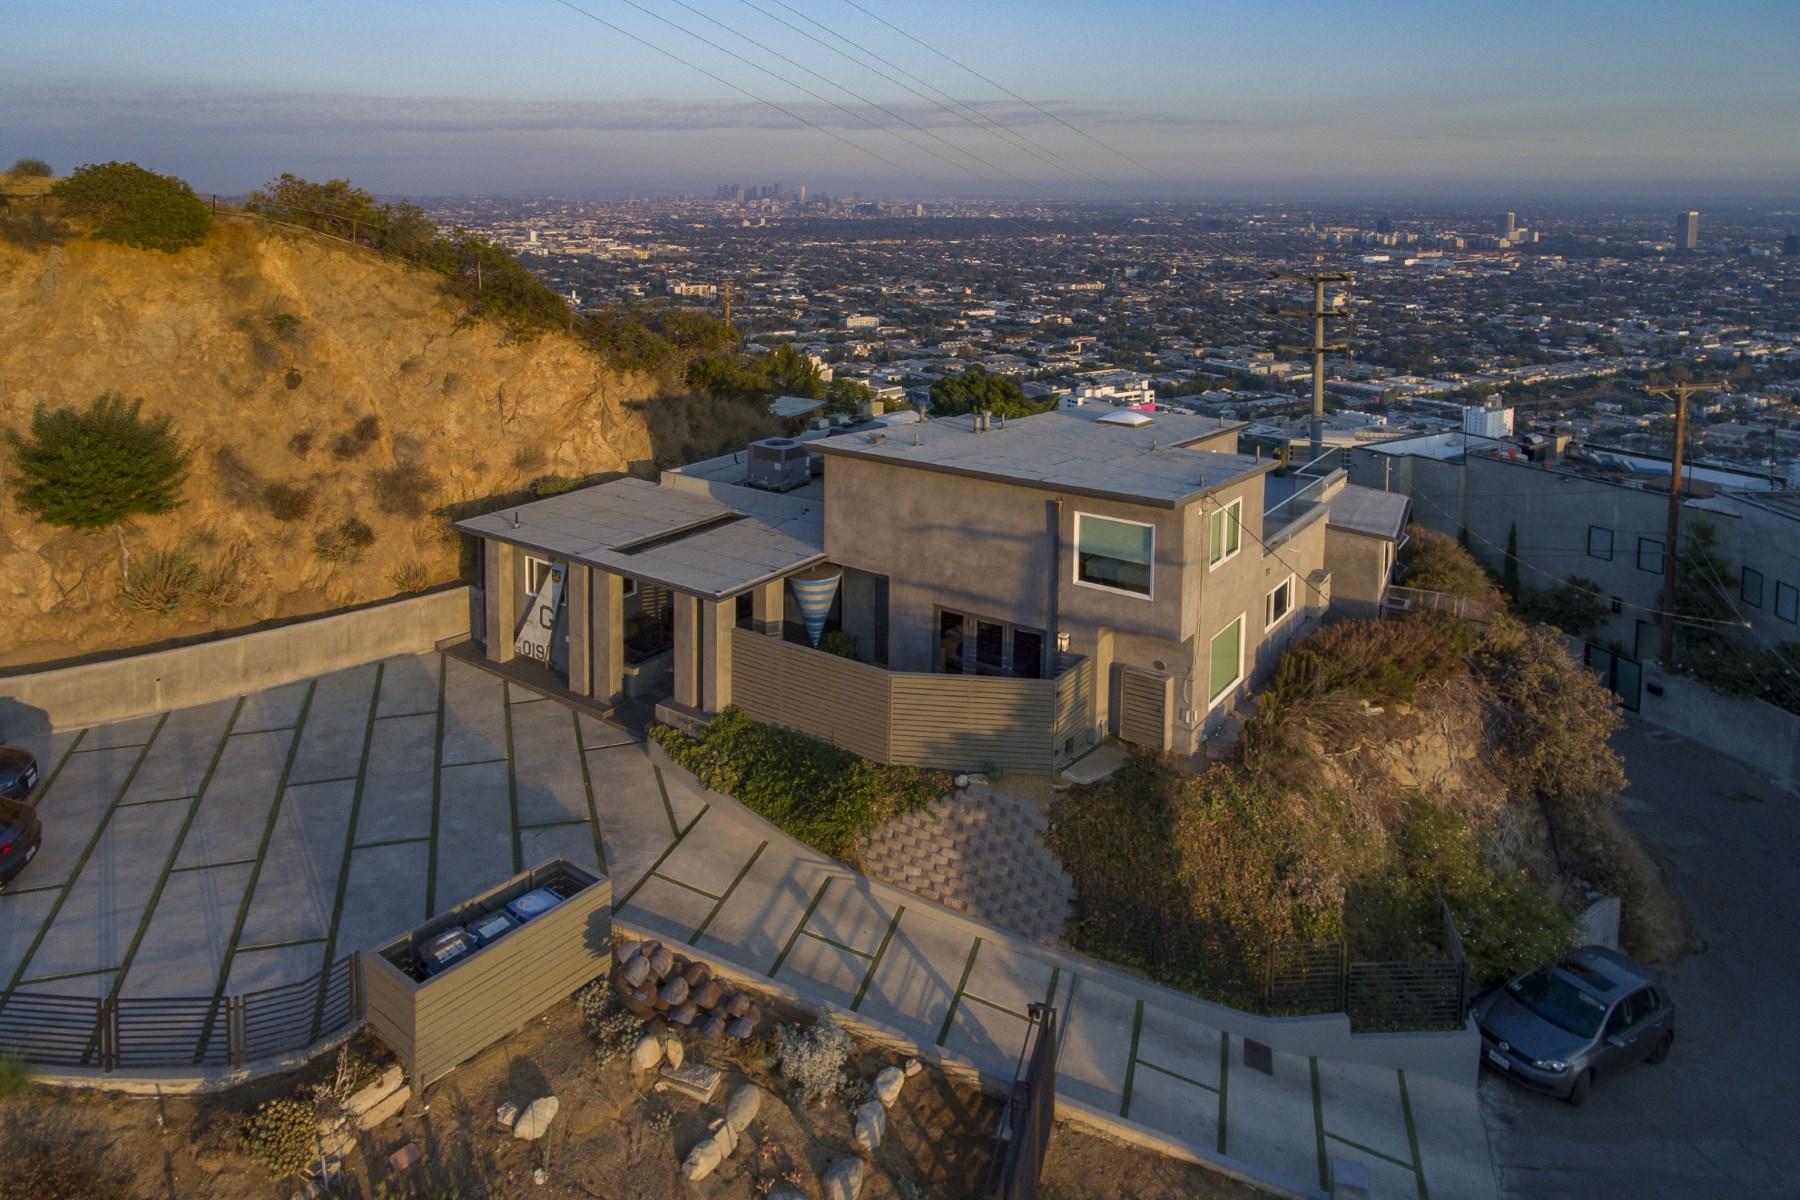 Casa Unifamiliar por un Alquiler en 8697 Franklin Ave 8697 Franklin Avenue Los Angeles, California 90069 Estados Unidos